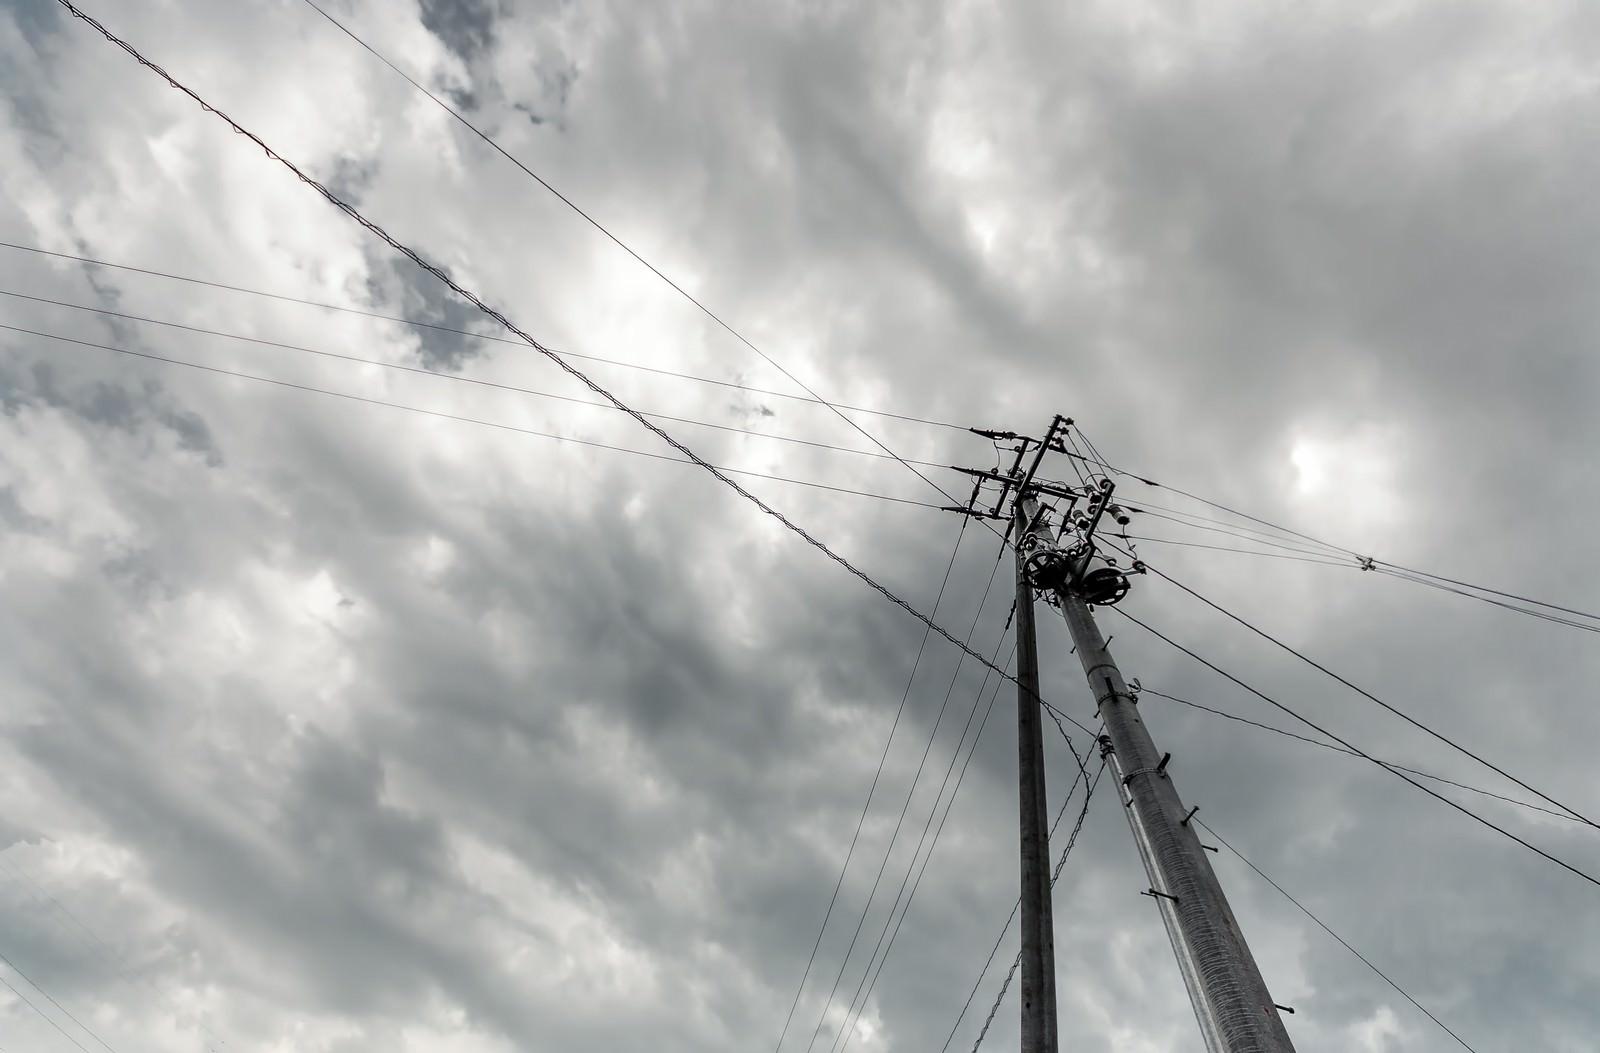 「電柱と曇り空電柱と曇り空」のフリー写真素材を拡大